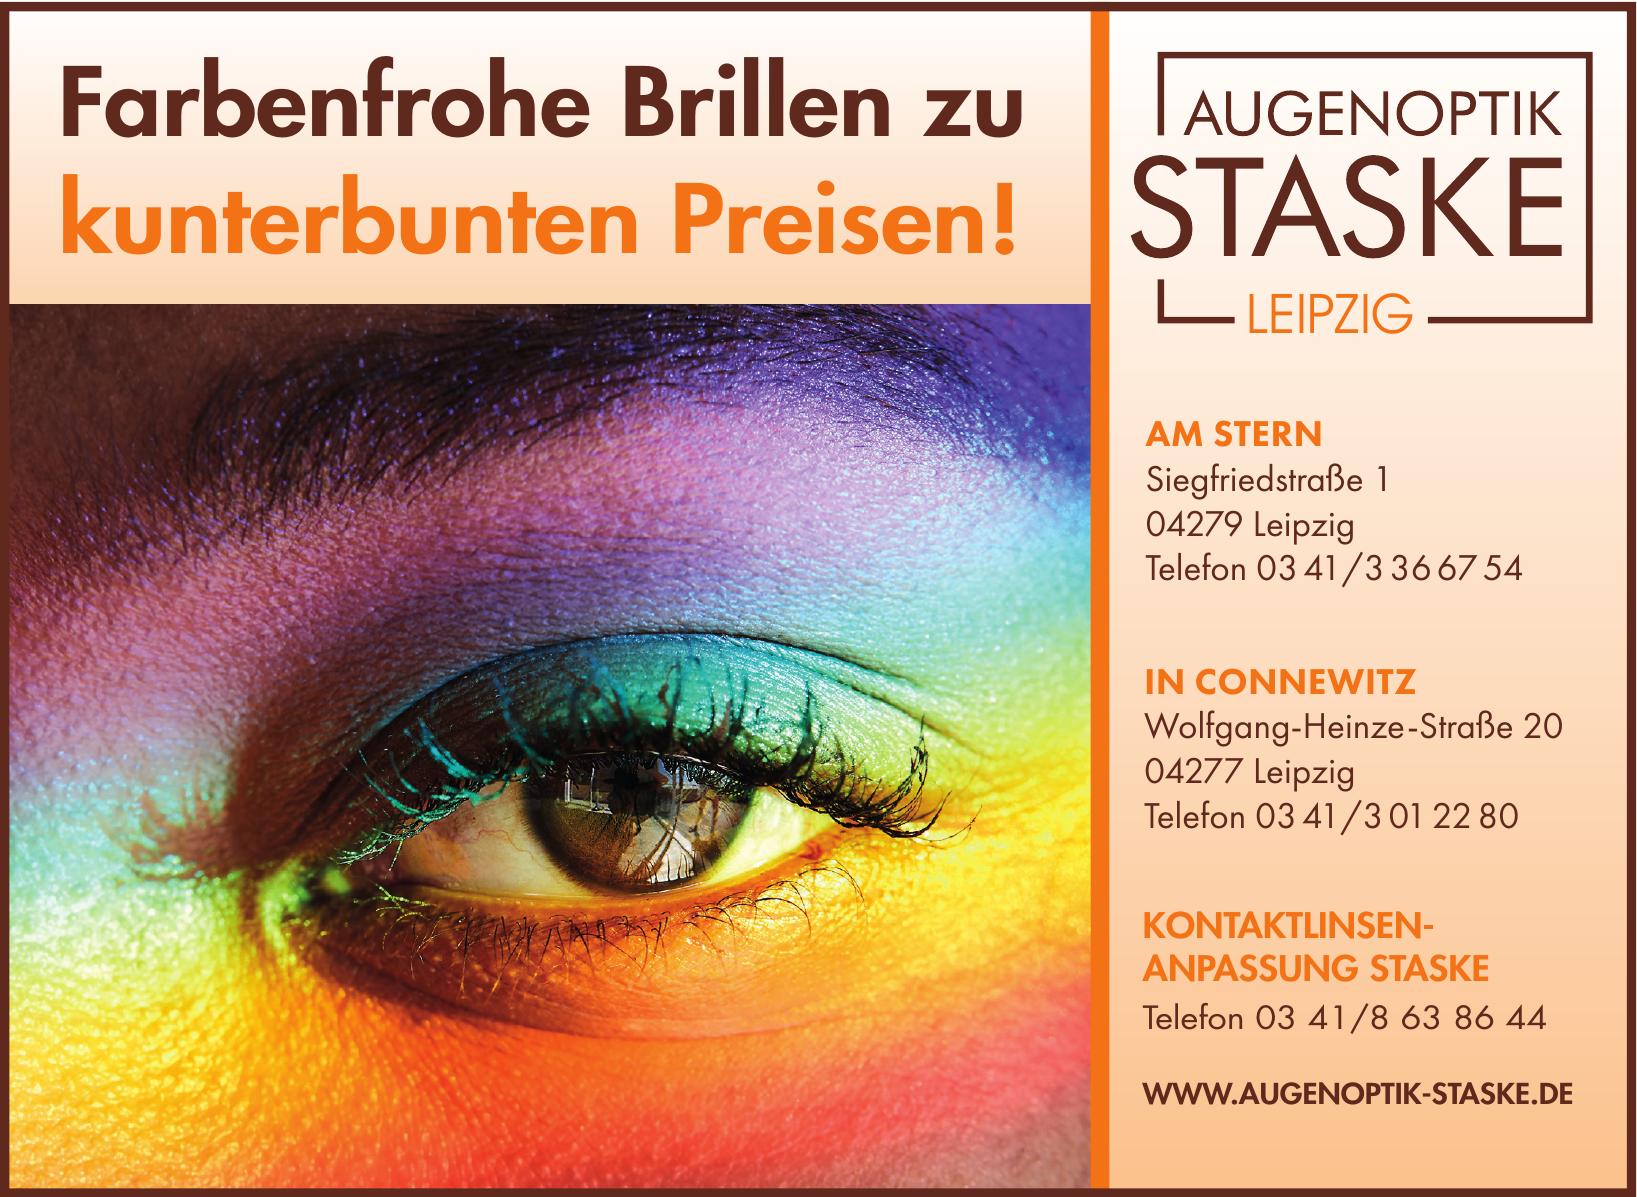 Augenoptik Staske Leipzig